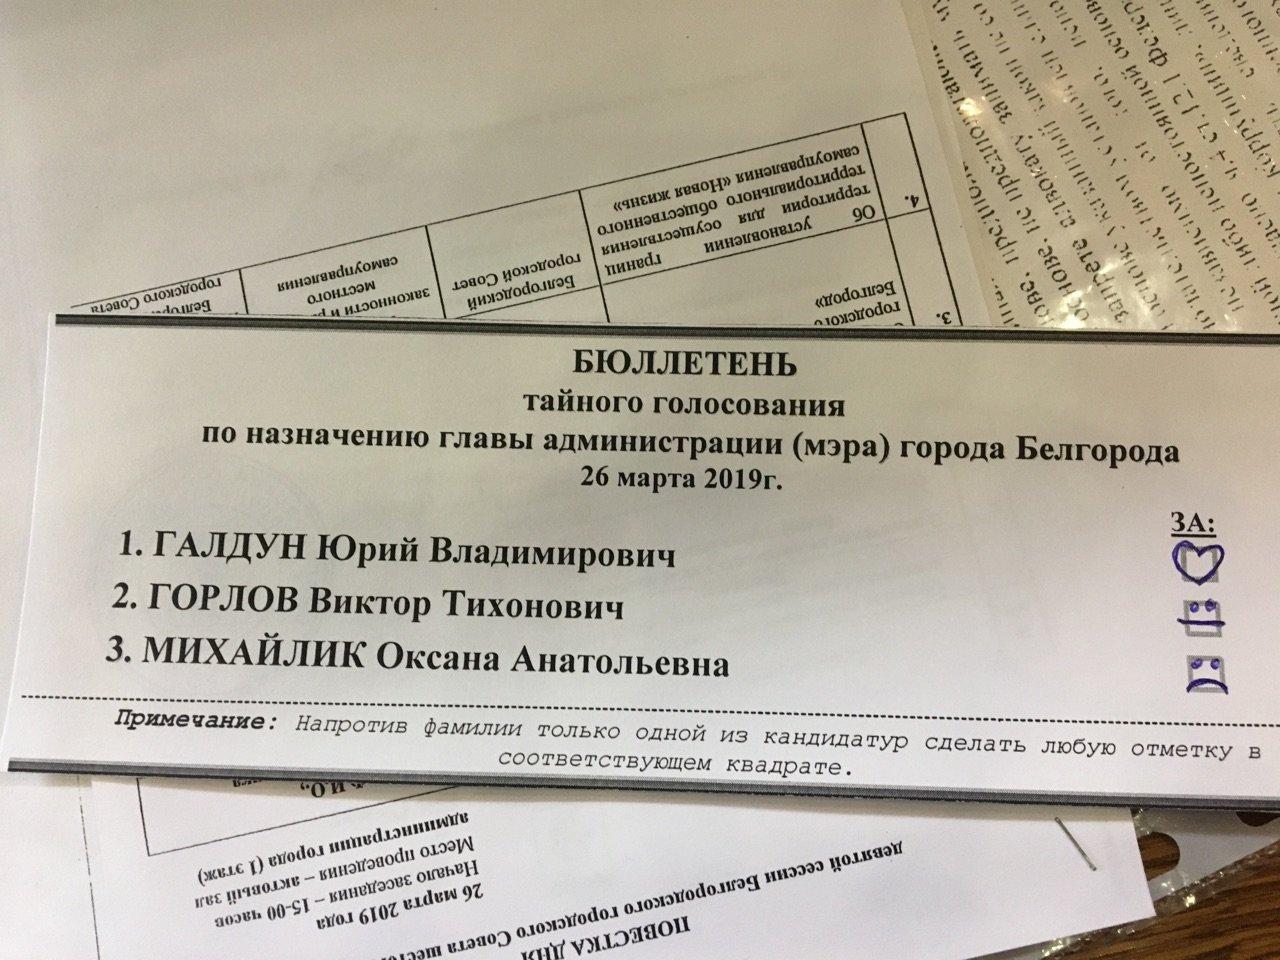 Юрий Галдун возглавил мэрию Белгорода под гимн из «Звёздных войн», фото-6